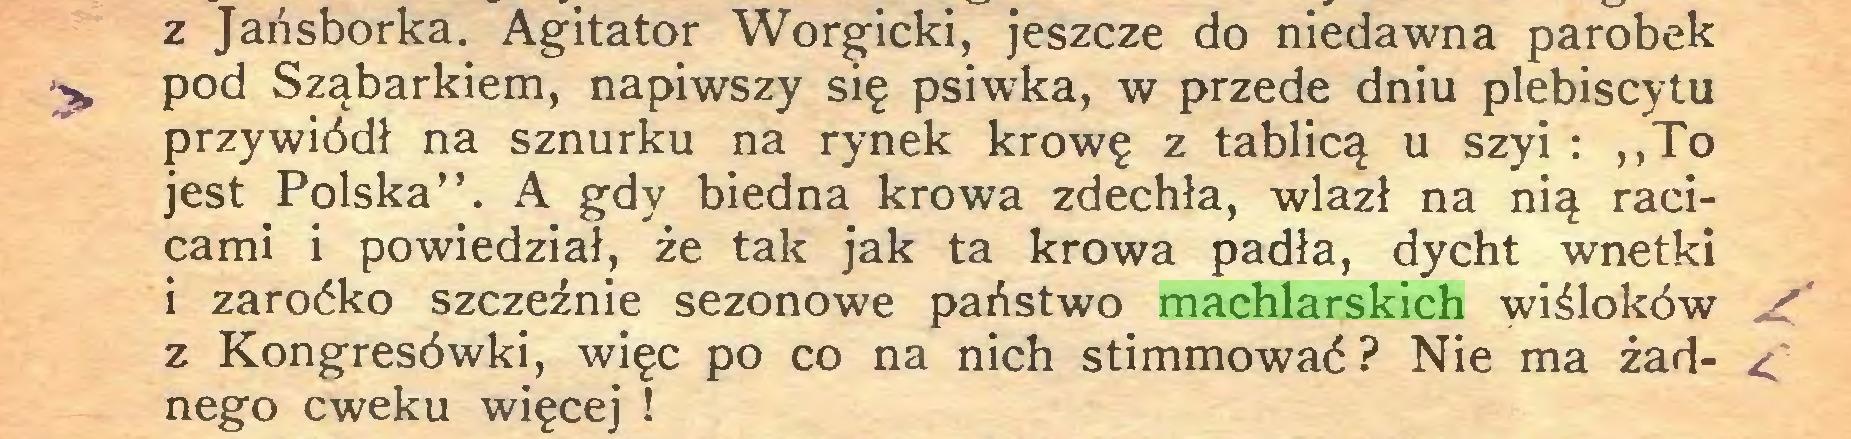 """(...) z Jańsborka. Agitator Worgicki, jeszcze do niedawna parobek ^ pod Sząbarkiem, napiwszy się psiwka, w przede dniu plebiscytu przywiódł na sznurku na rynek krowę z tablicą u szyi : ,,To jest Polska"""". A gdy biedna krowa zdechła, wlazł na nią racicami i powiedział, że tak jak ta krowa padła, dycht wnetki i zaroćko szczeźnie sezonowe państwo machlarskich wiśloków / z Kongresówki, więc po co na nich stimmować? Nie ma żad- <' nego cweku więcej !..."""